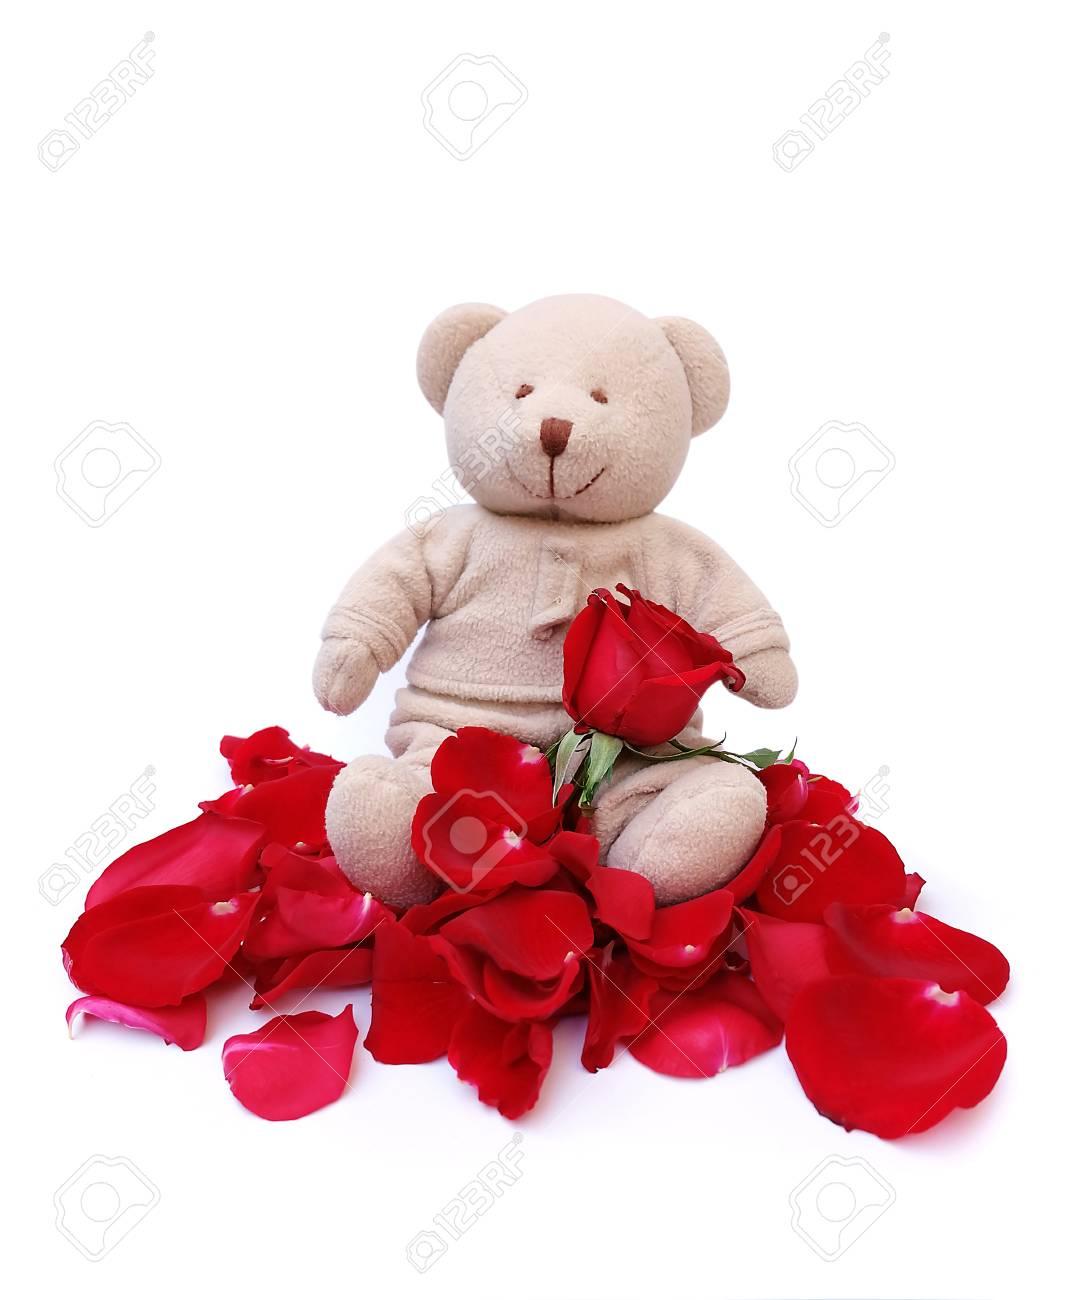 Lindo Oso De Peluche Sostenga Rosas Rojas Para Alguien Especial En